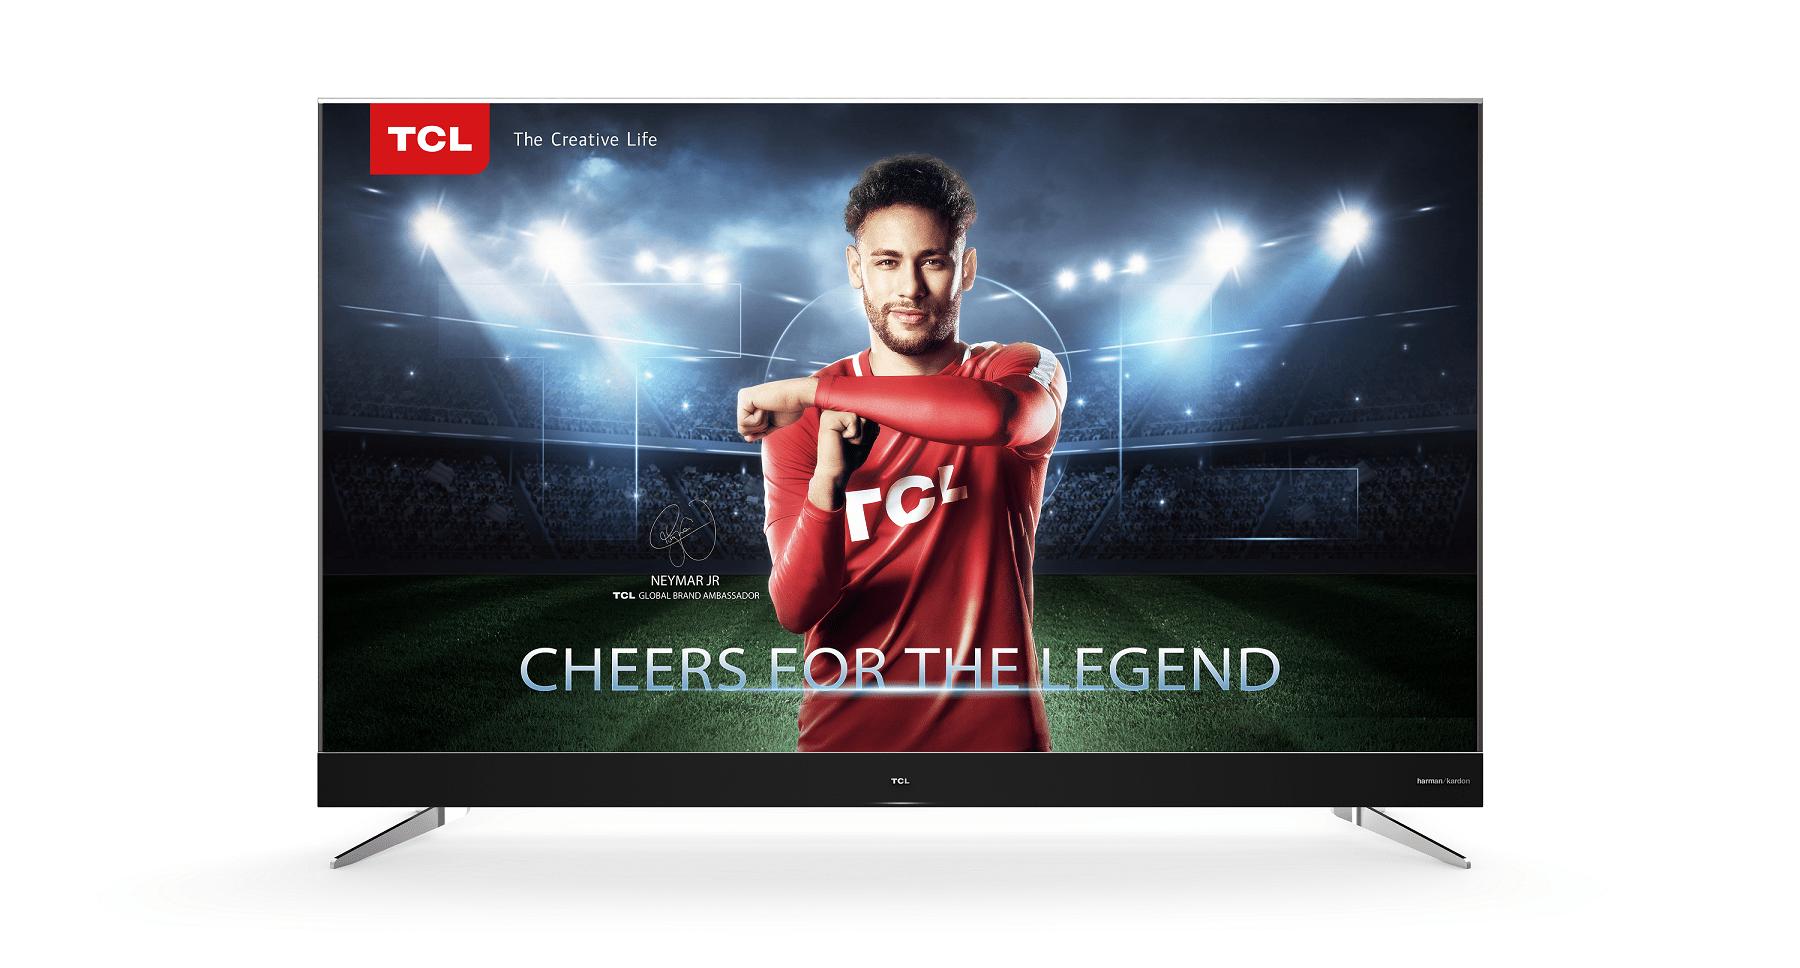 是TCL電視產品在台轉由群光電子接手總代理 以三大系列進攻高性價比市場的第1張圖